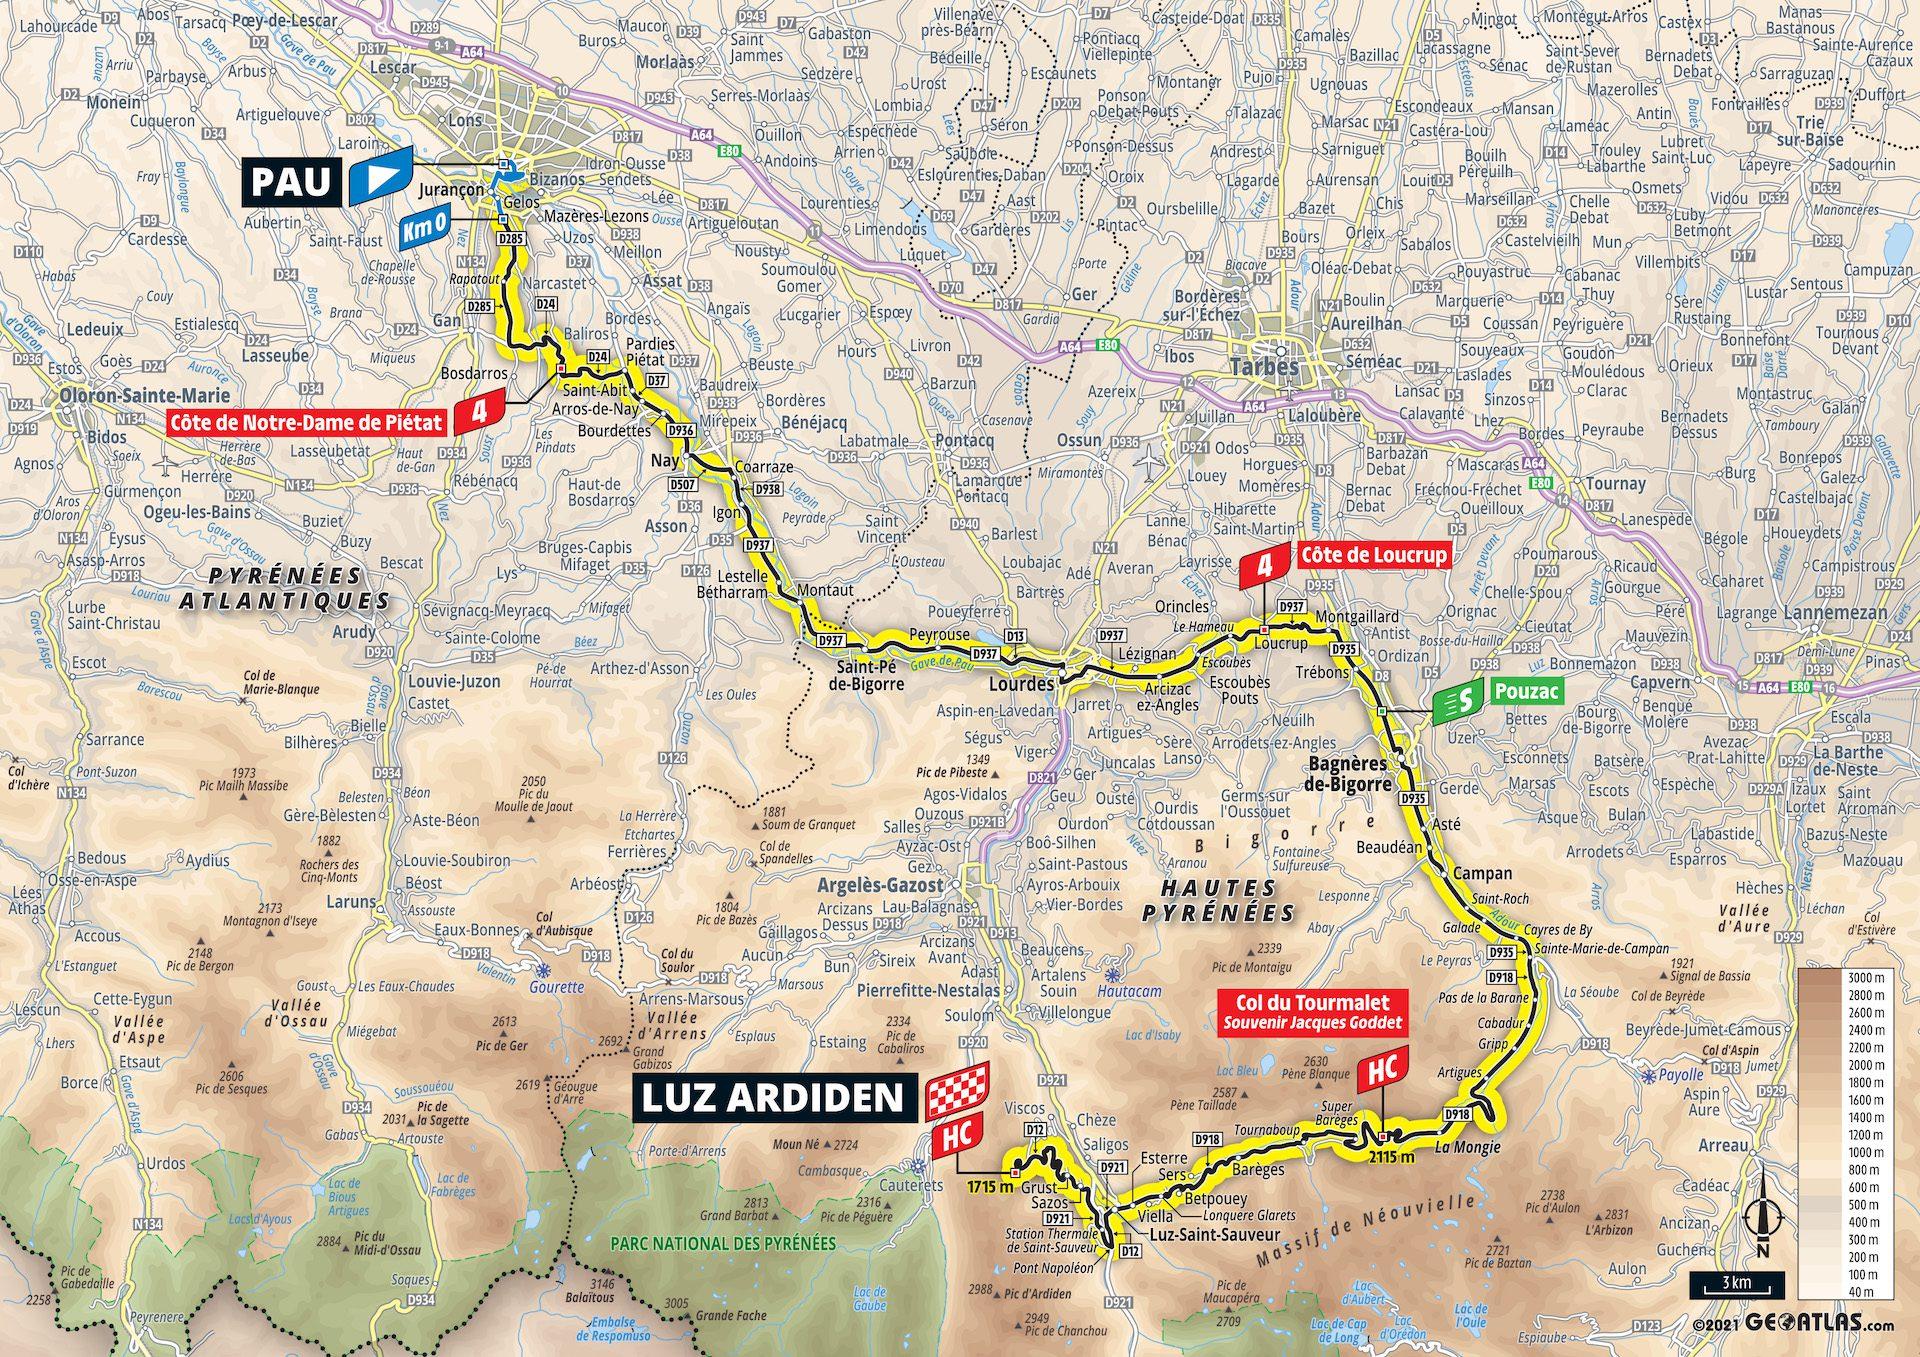 2021 Tour de France 2021 étape 18 Carte